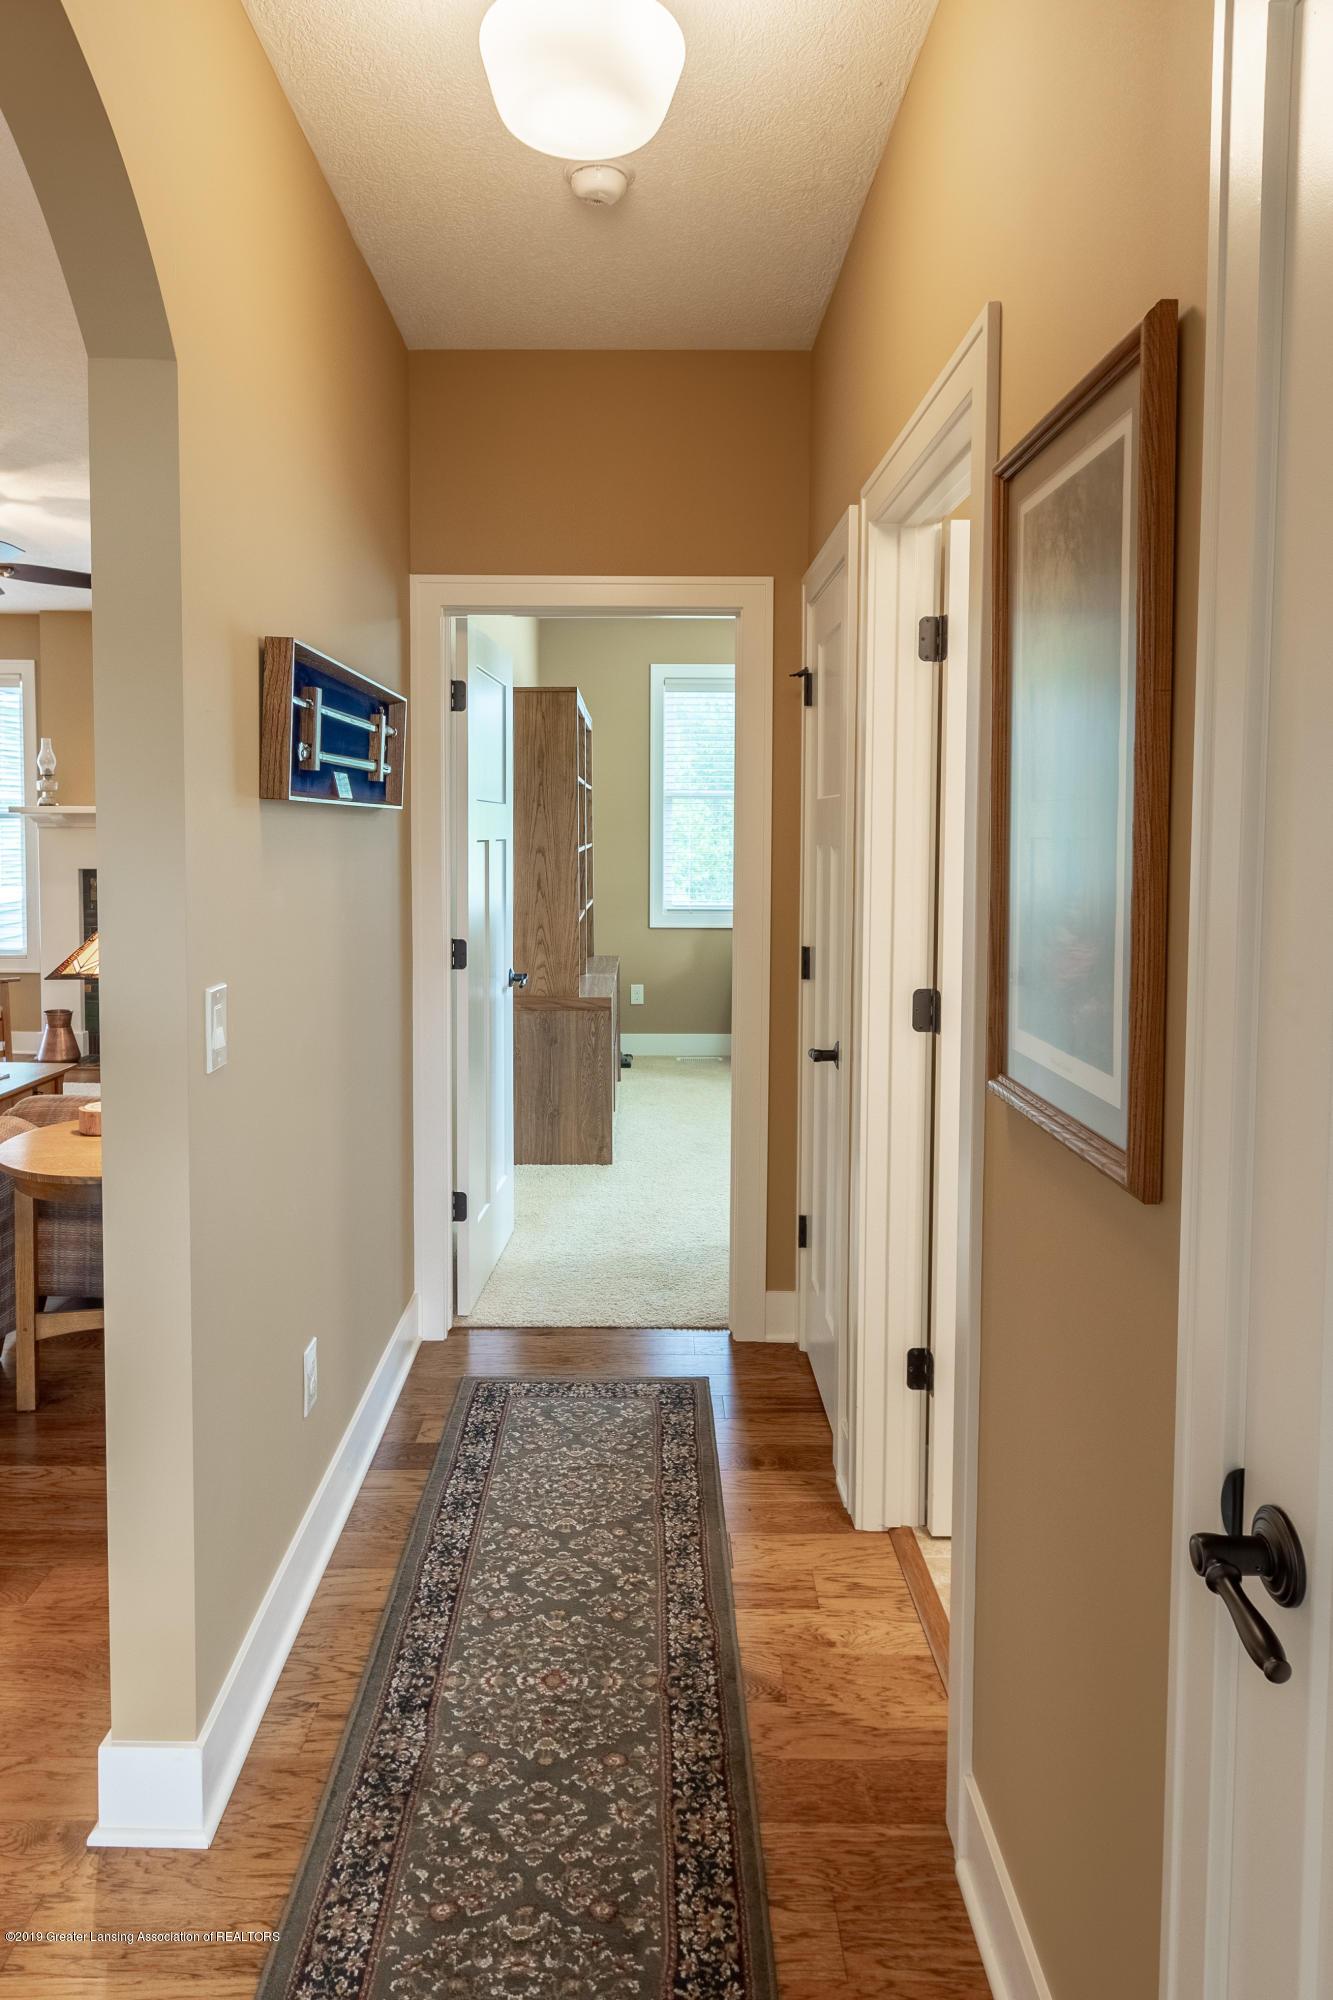 4134 E Benca Way - First Floor Hallway - 25